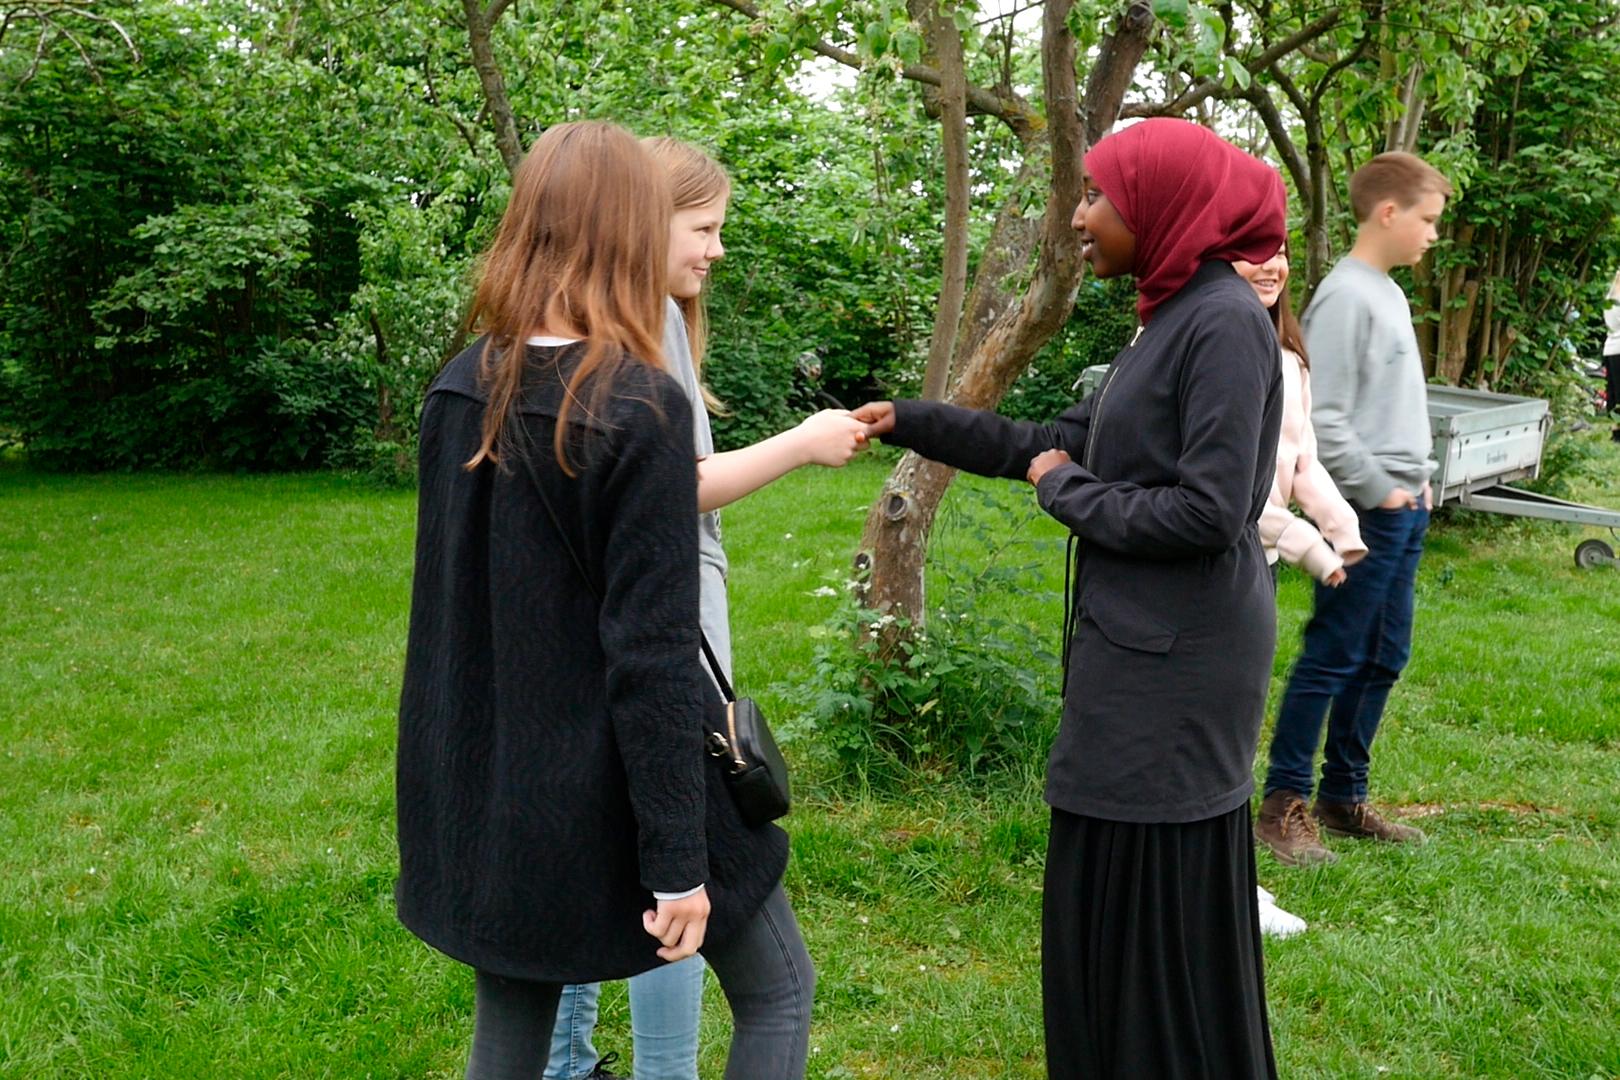 Elever fra Nørrebro Park Skole møder deres makker fra Den Grønne Friskole. Fotograf: Julie Blicher Trojaborg